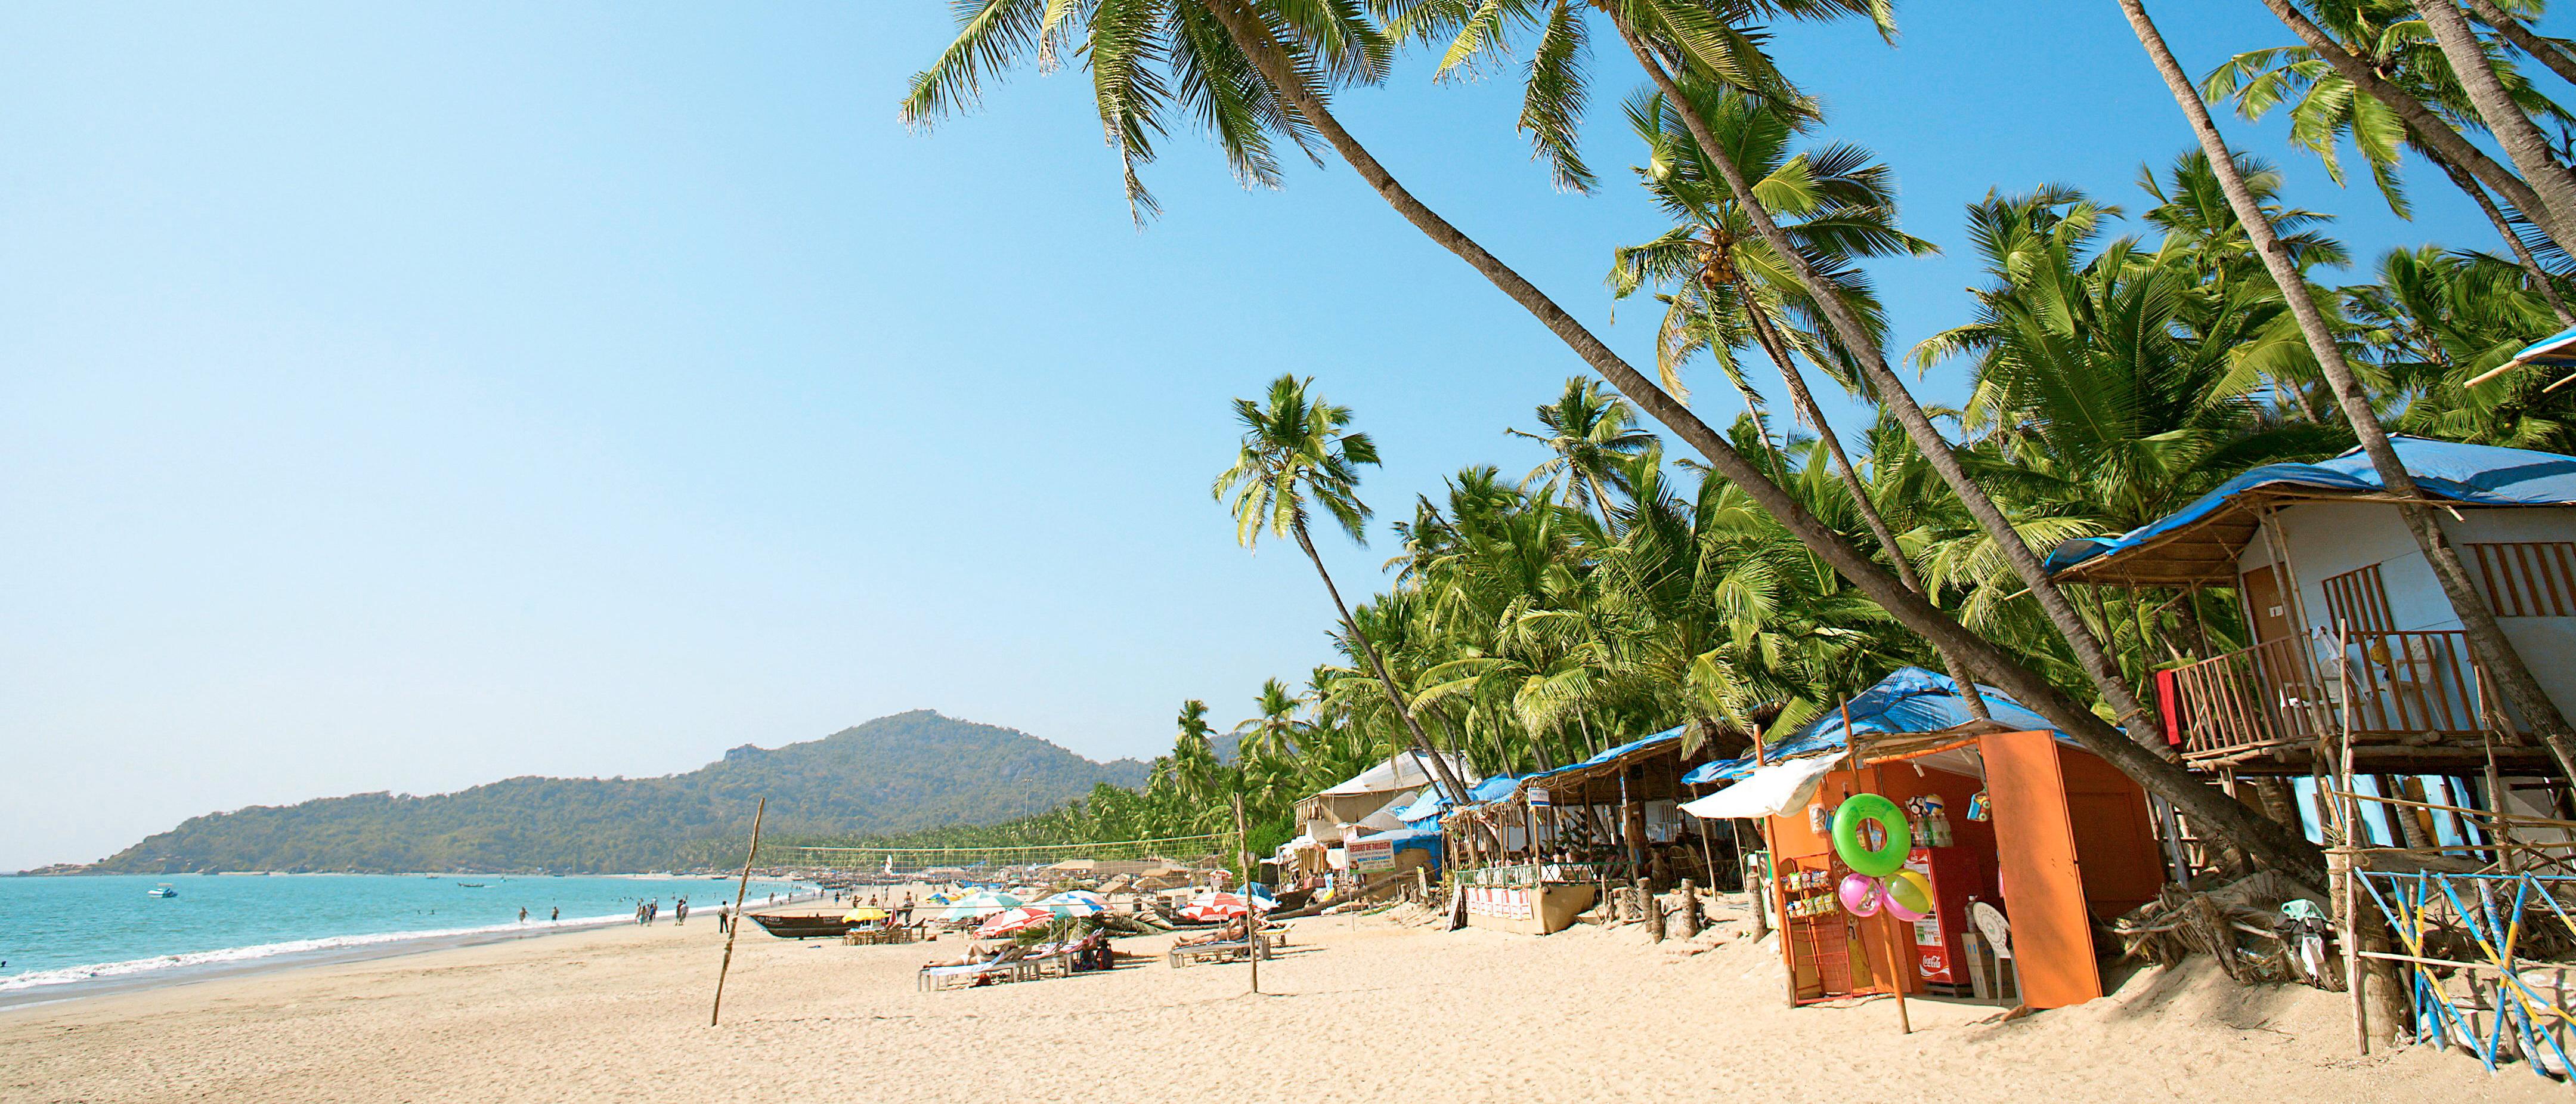 Le Bleu - Beautiful North Goa Villa Bra ansluten till stränder som Anjuna.